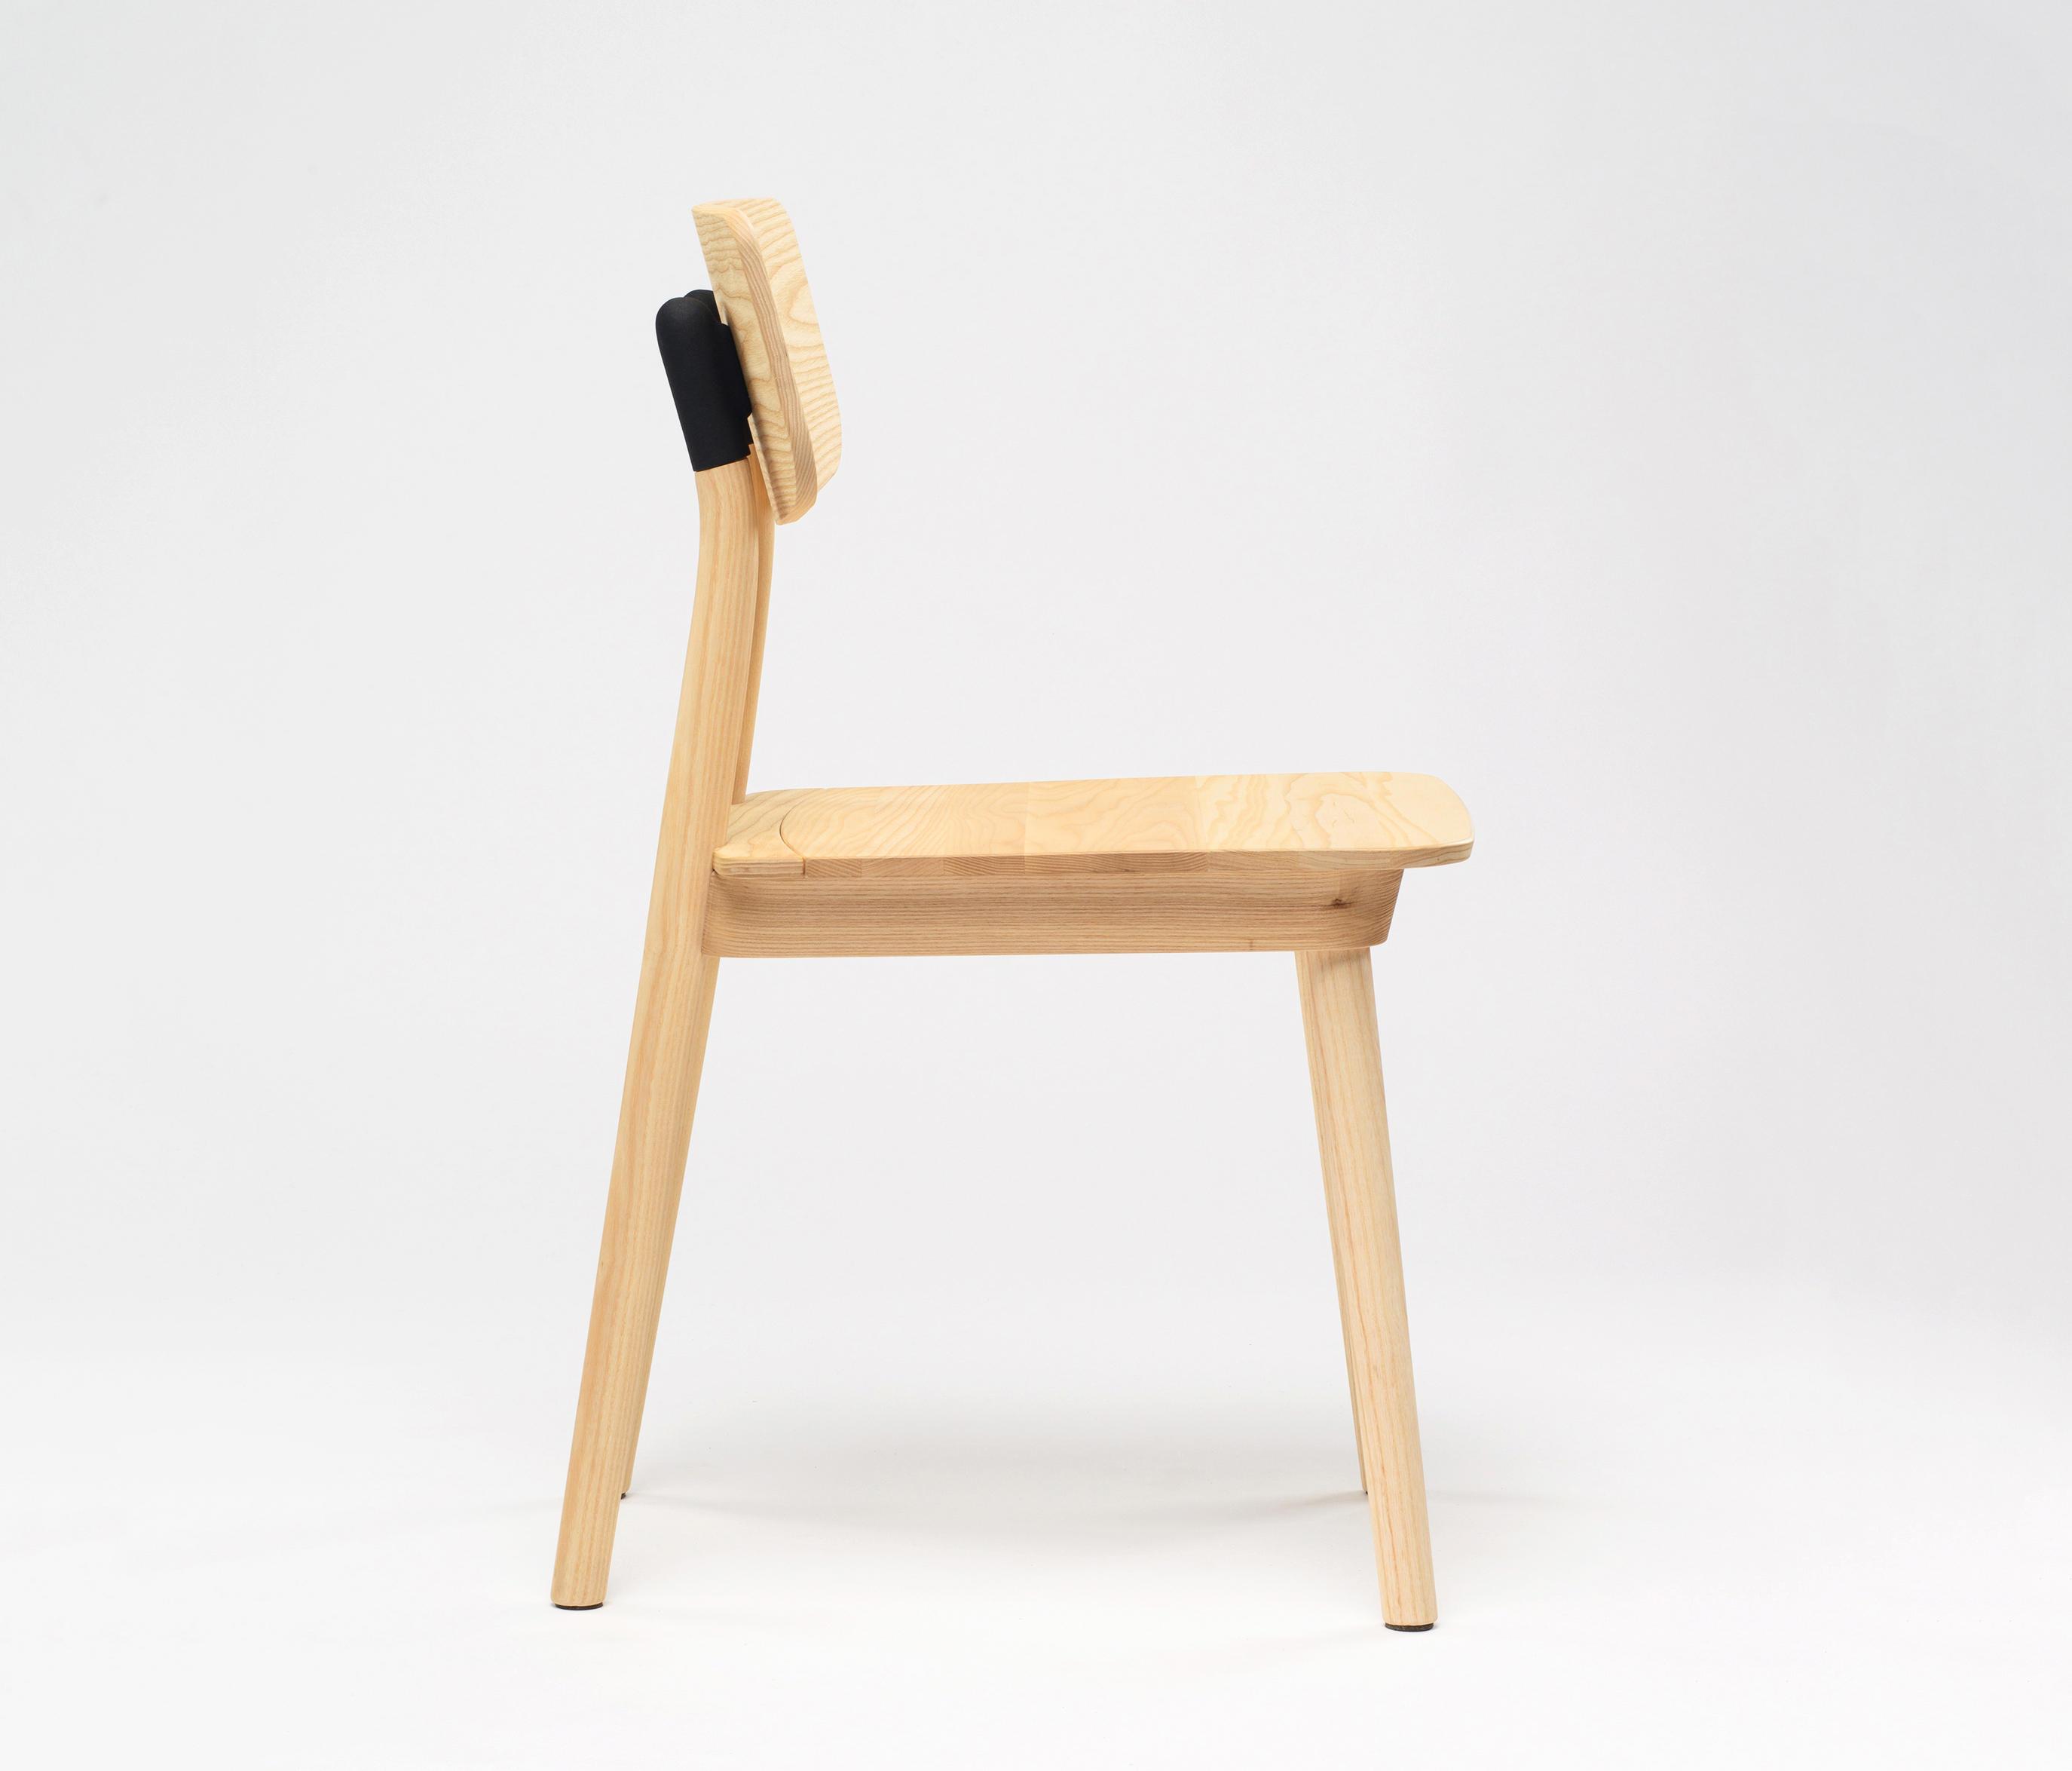 clip chair by de vorm chairs